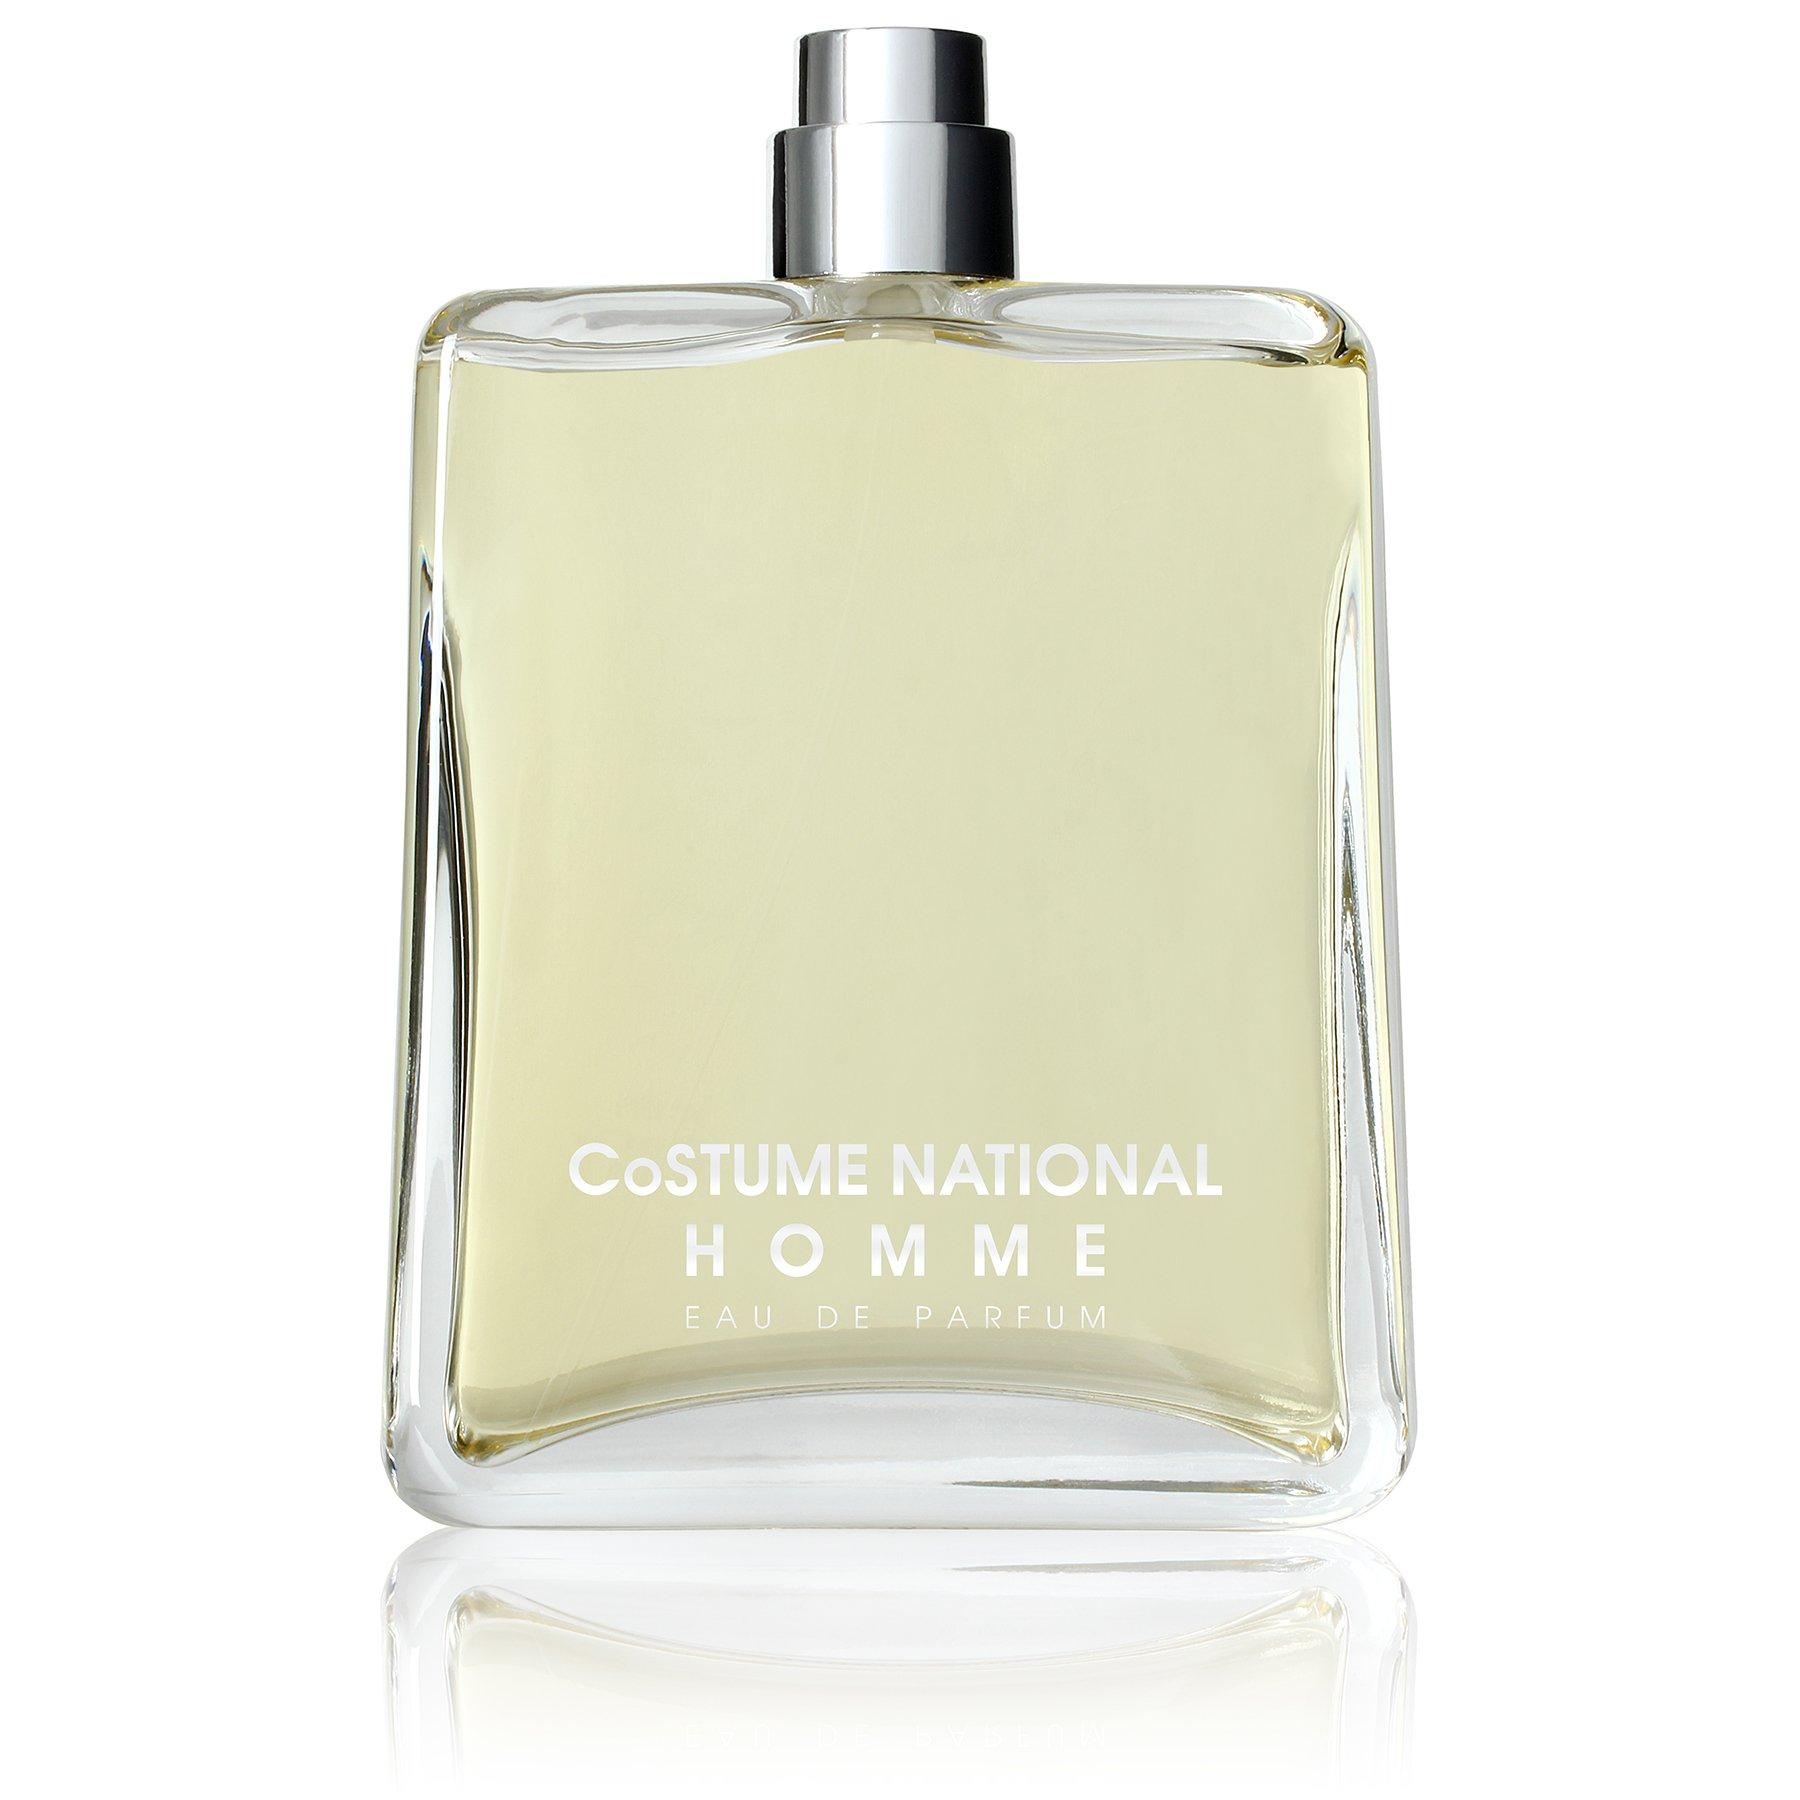 CoSTUME NATIONAL Homme Eau de Parfum Spray, 3.4 Fl Oz